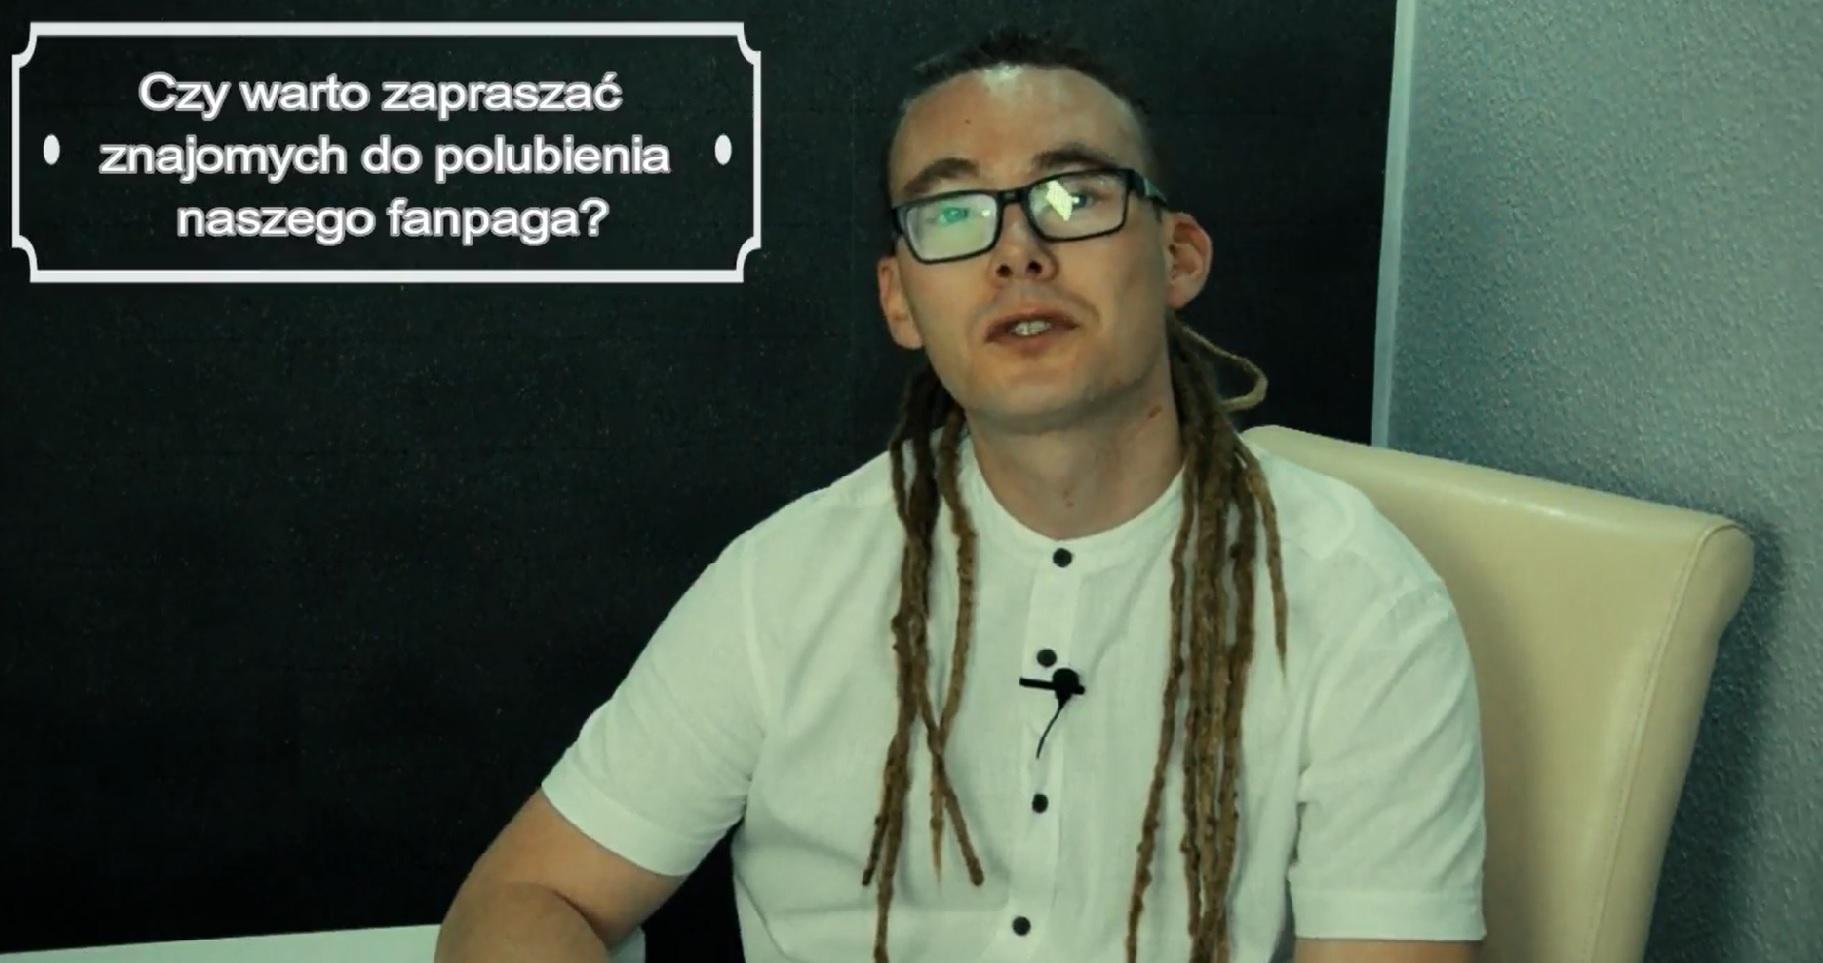 Czy warto zapraszać znajomych do polubienia nasze fanpaga?(VIDEO)